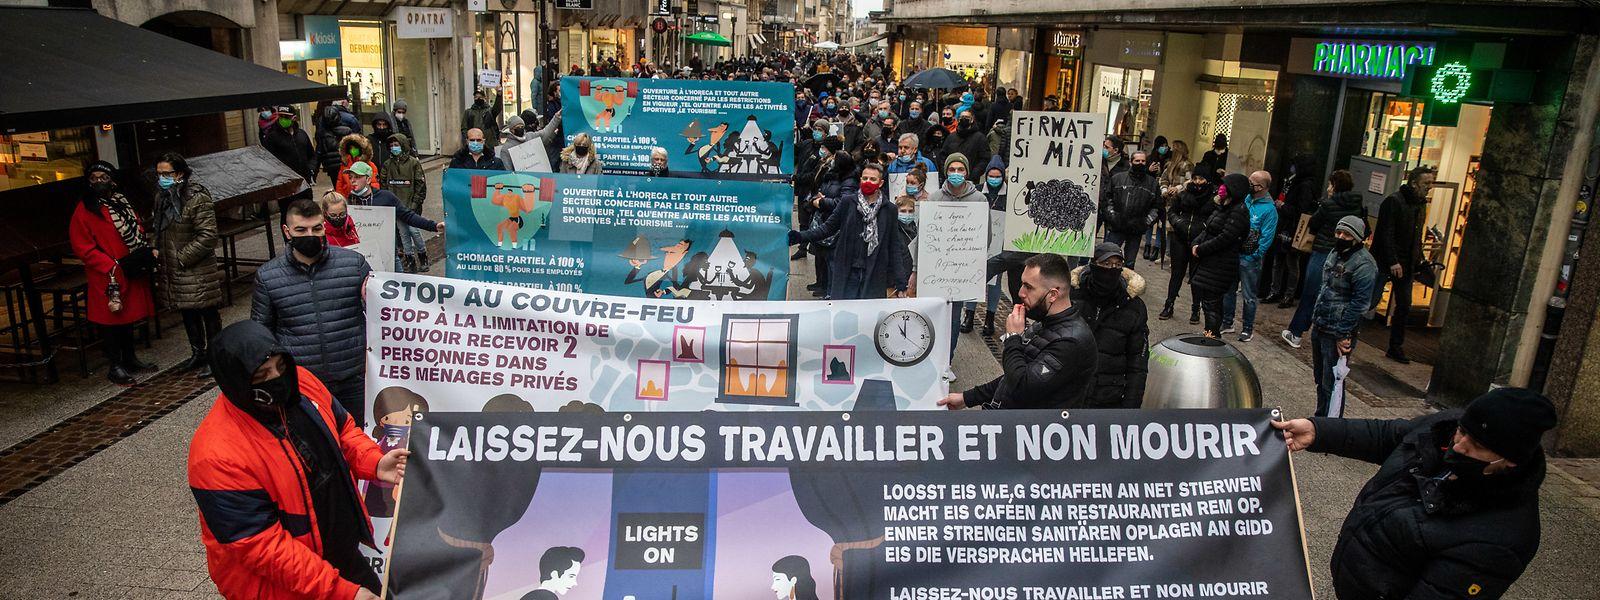 Hunderte Menschen zogen am Samstagnachmittag durch die Hauptstadt, um gegen die Schließung im Horesca-Sektor zu protestieren.